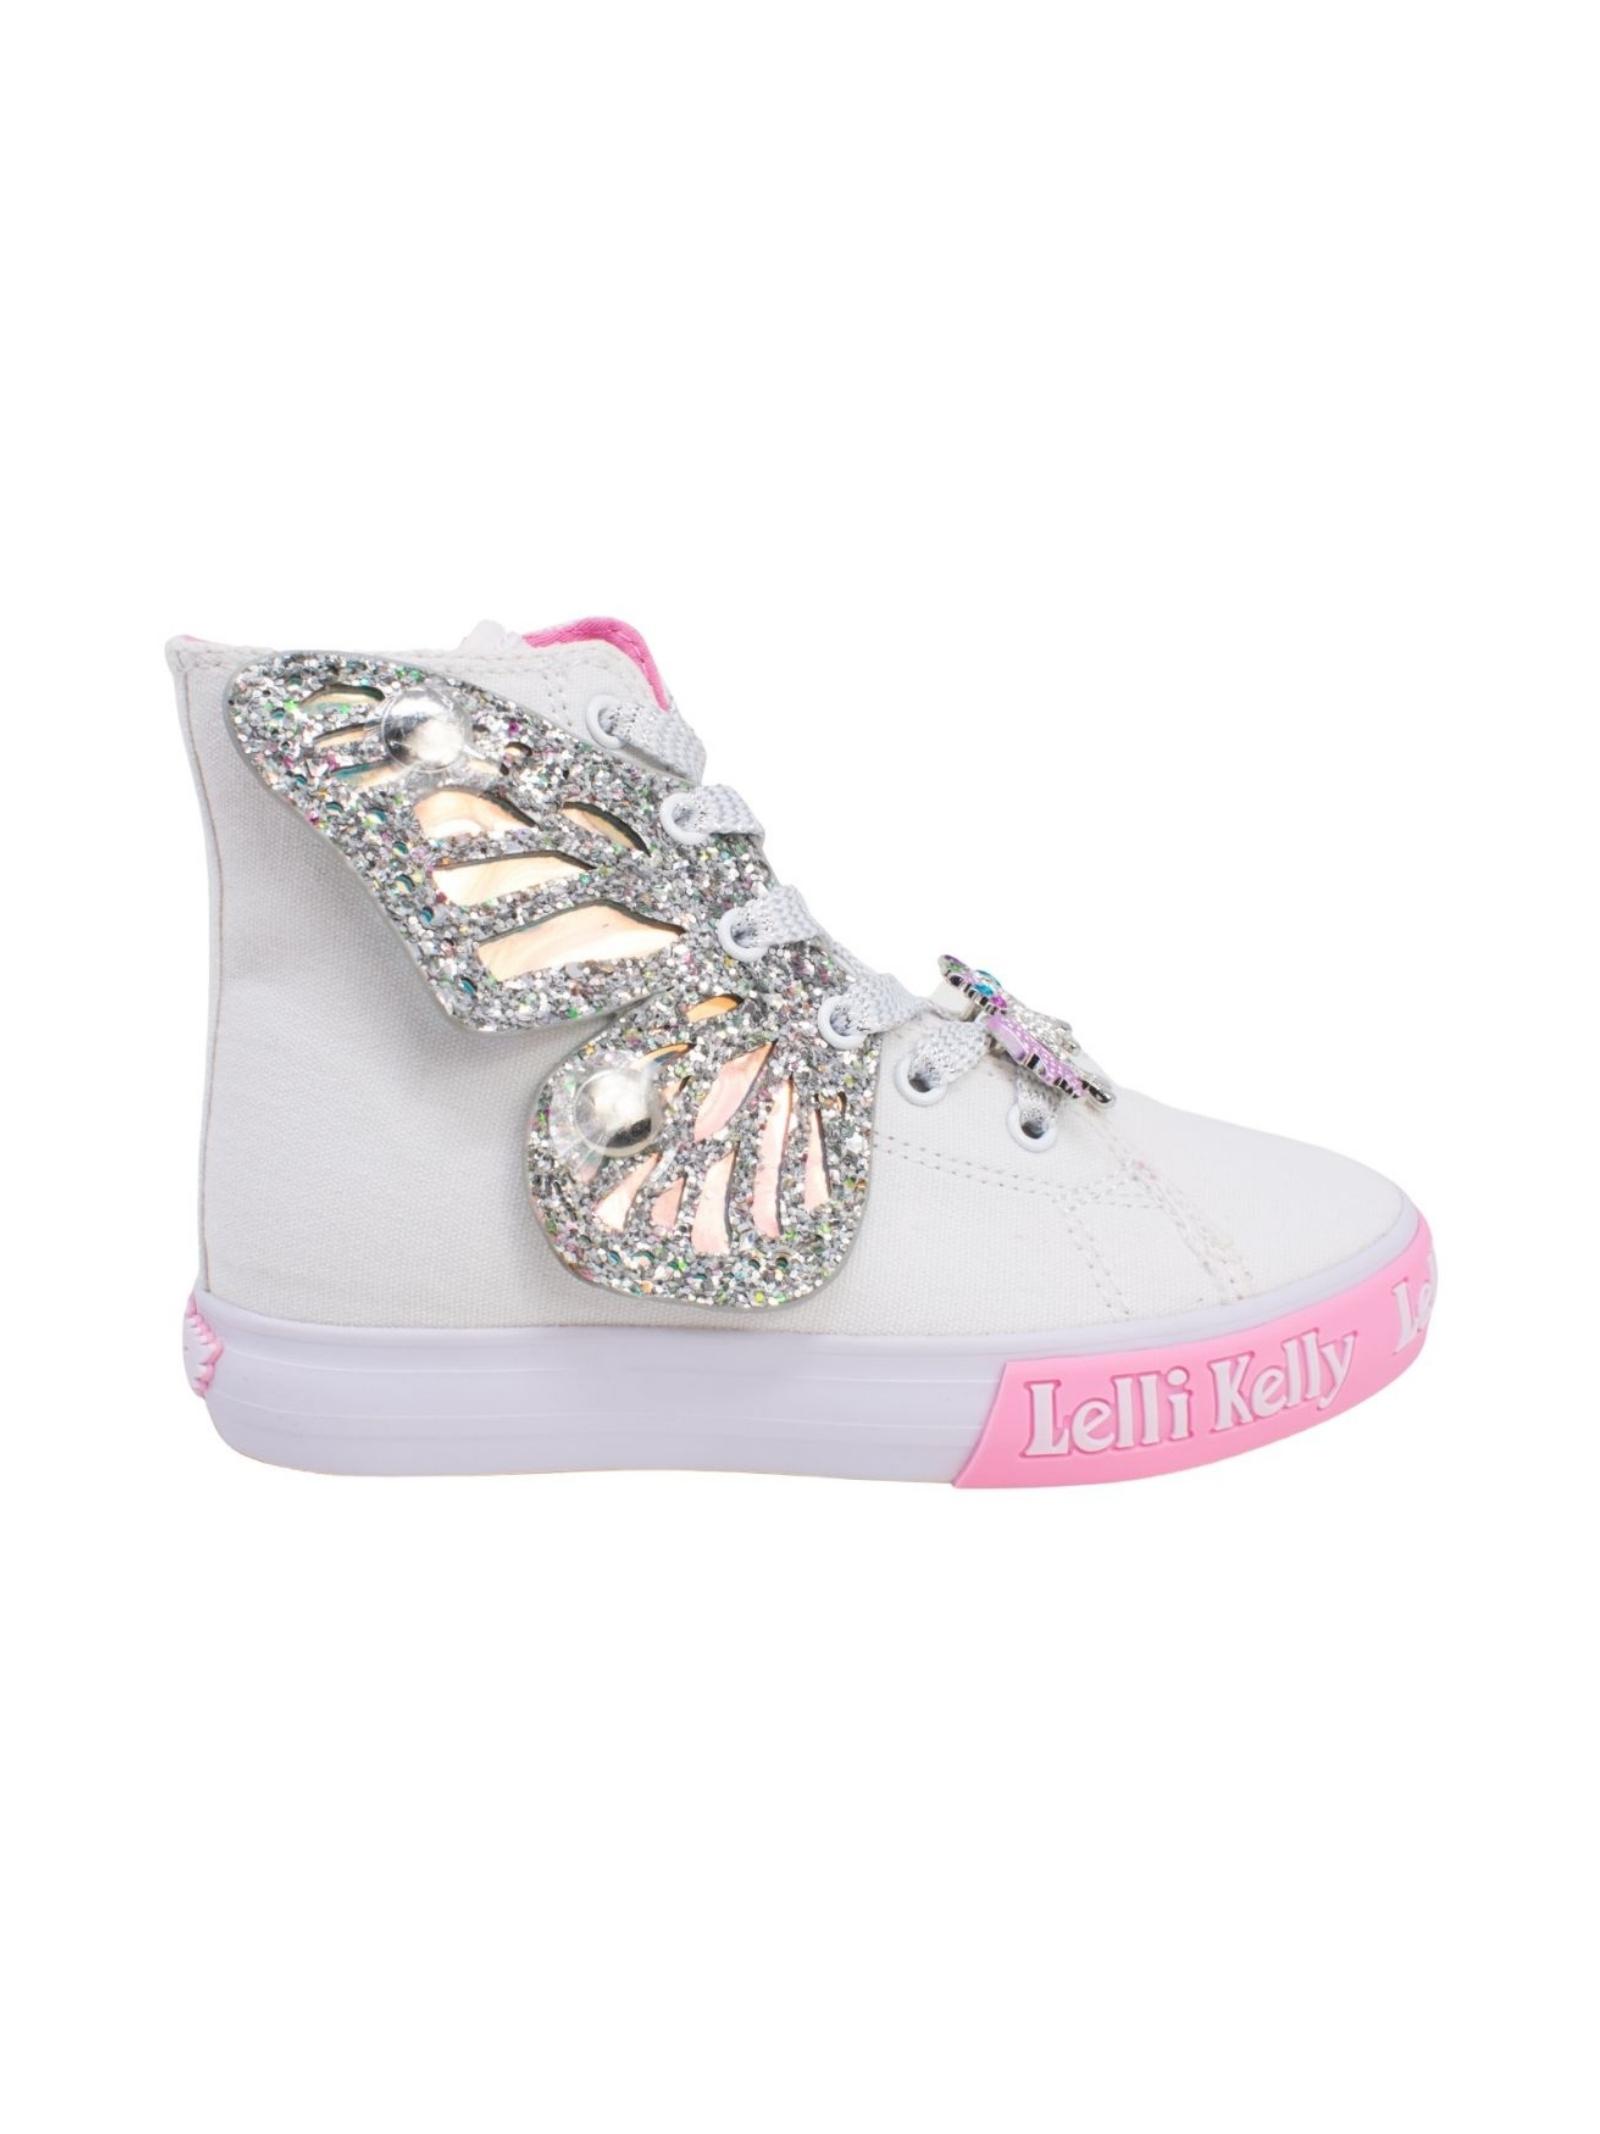 Converse Butterfly Unicorno LELLI KELLY | Sneakers | LK1330ARGENTO